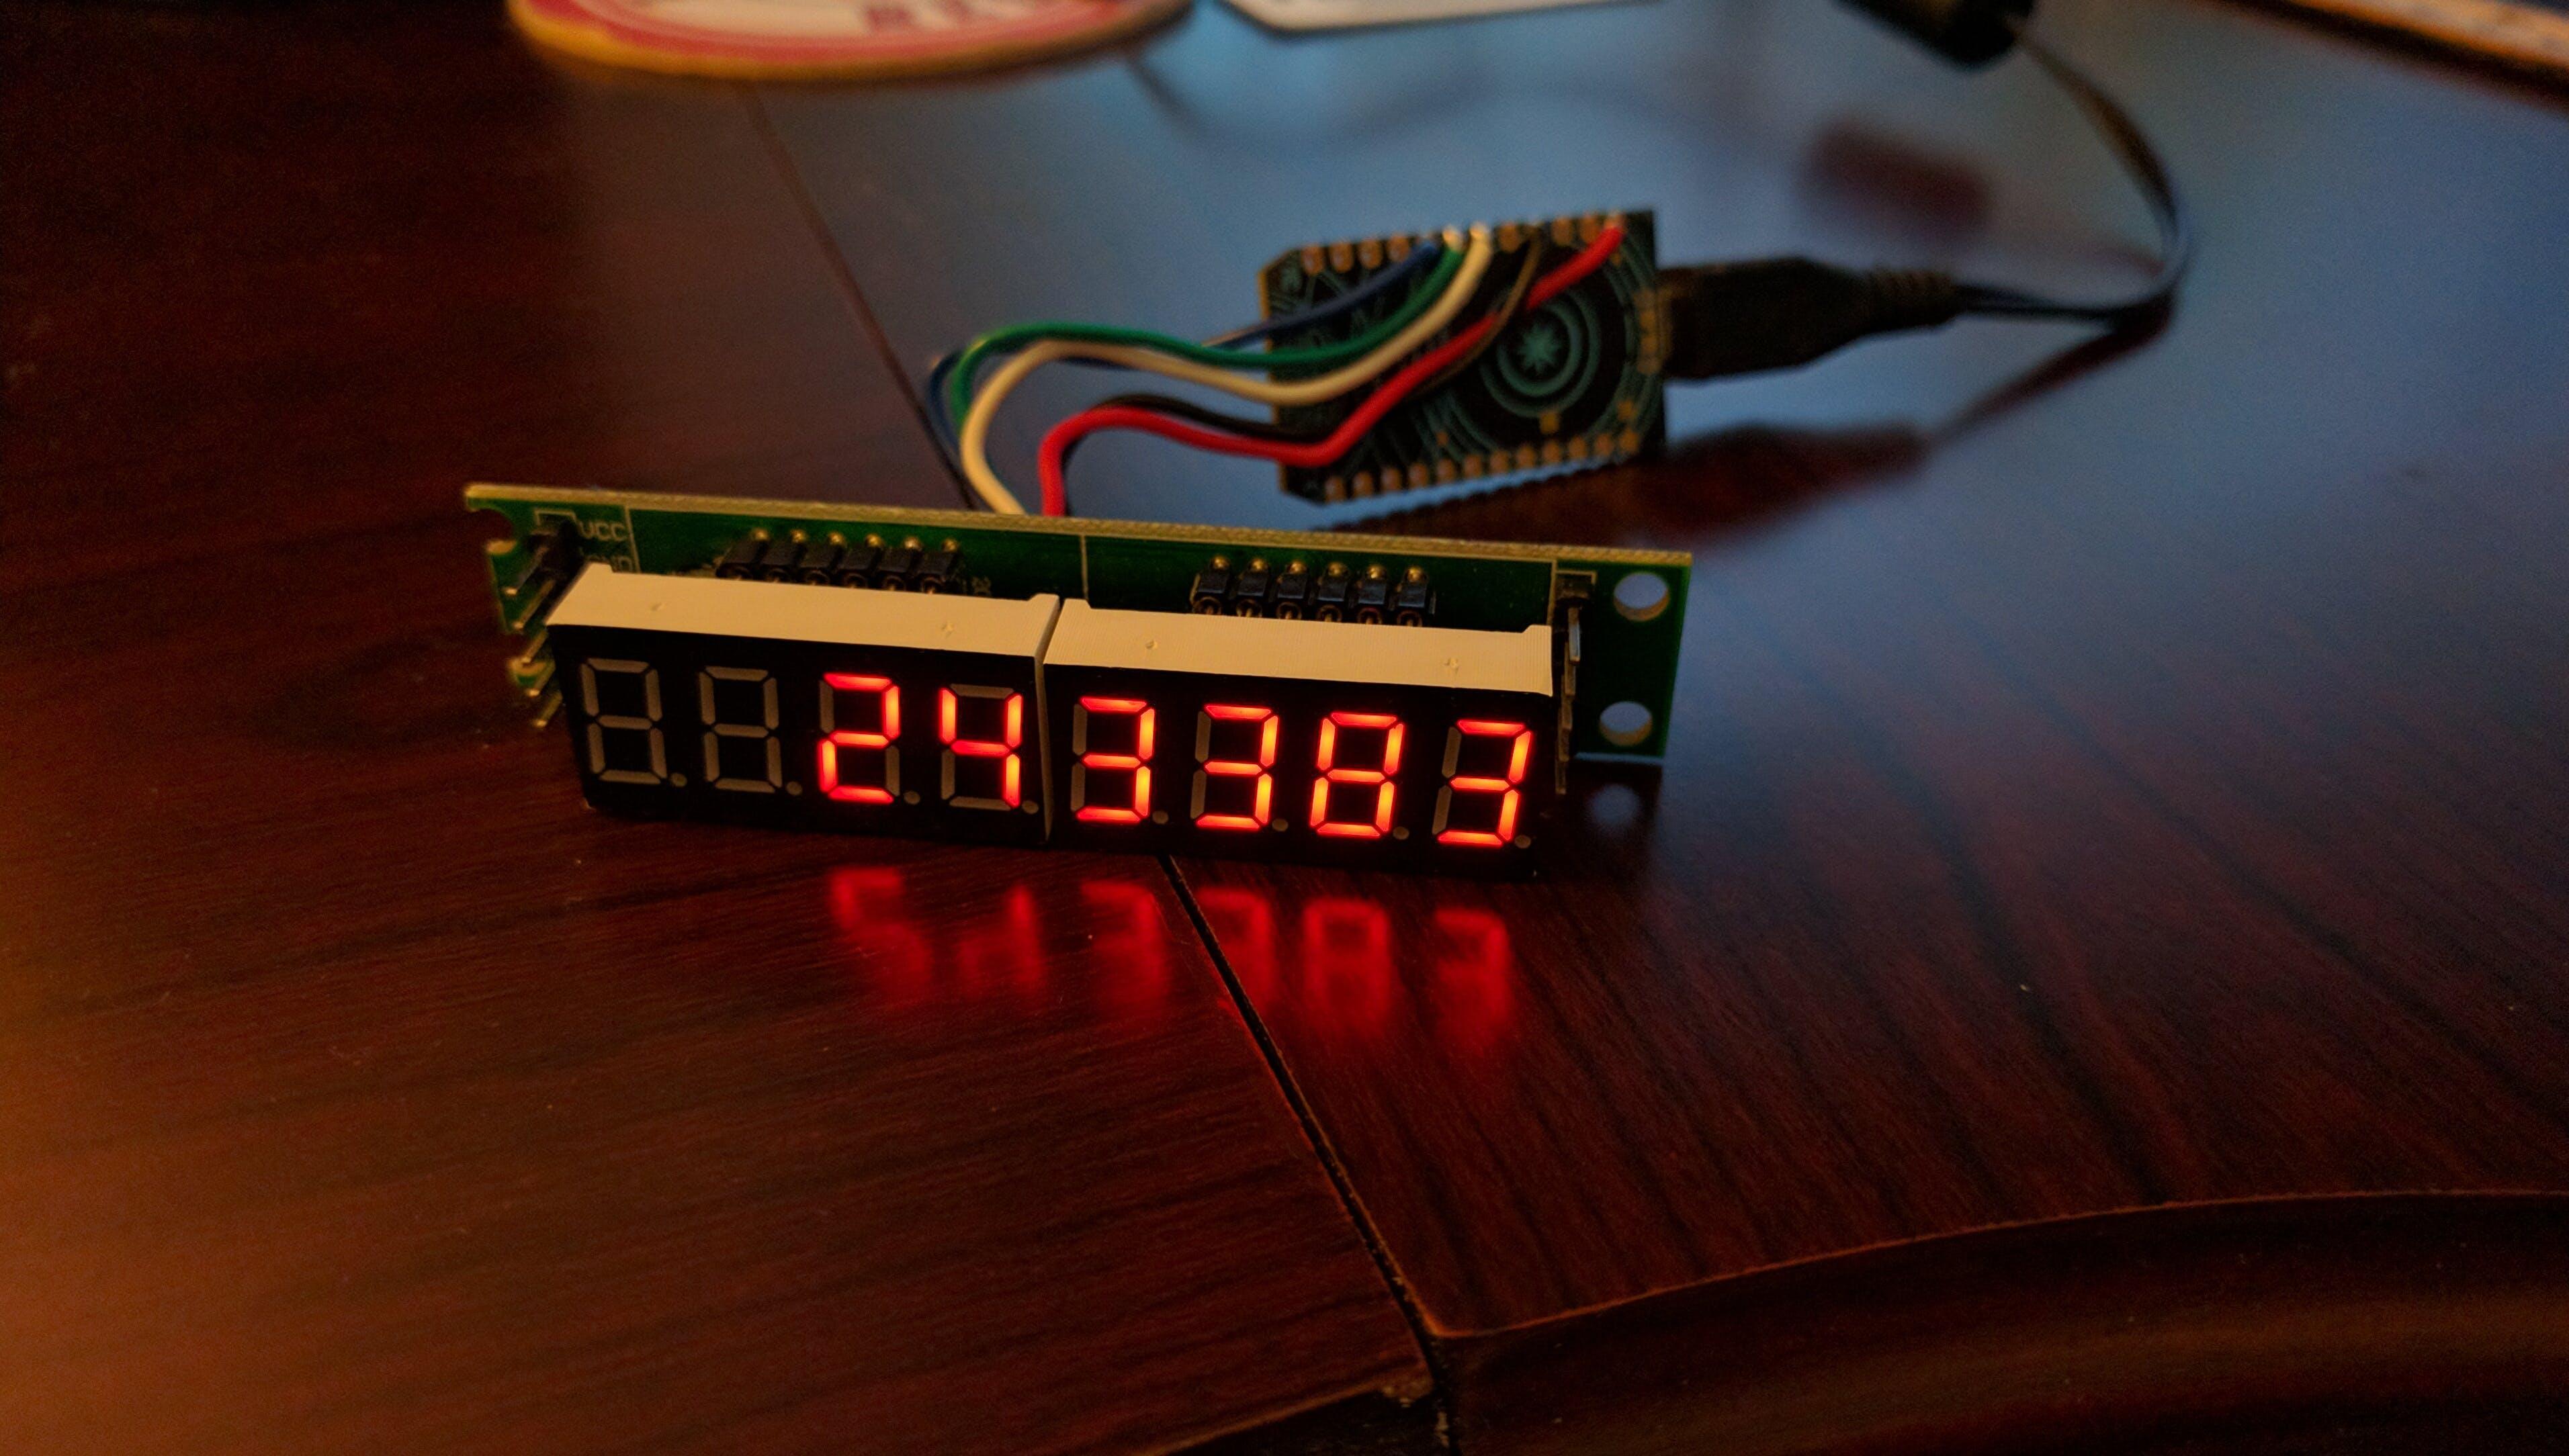 Post-soldering